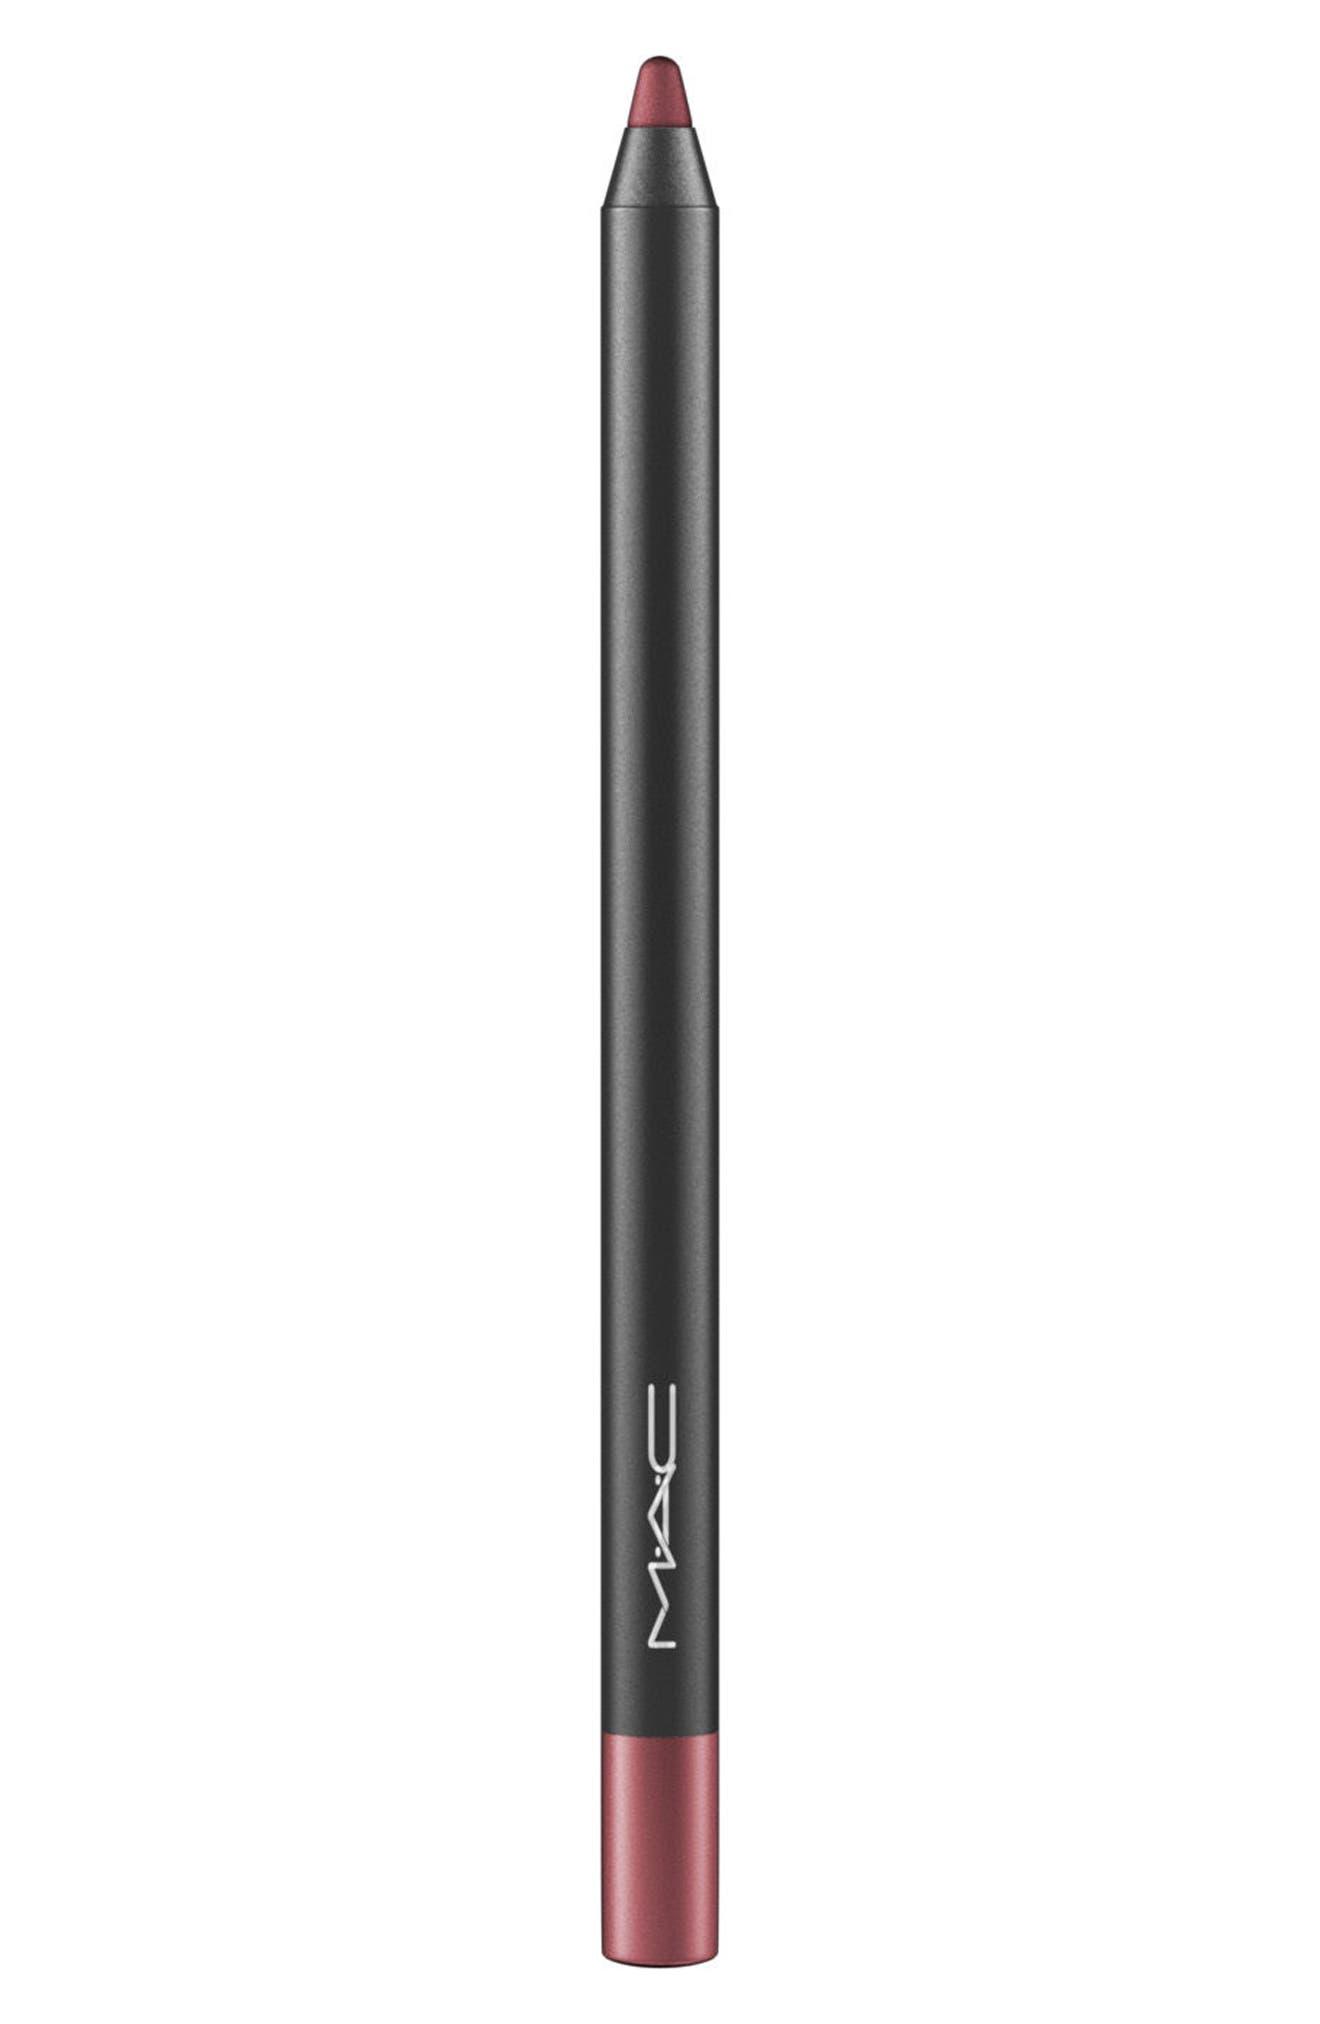 MAC 'Pro Longwear' Lip Pencil